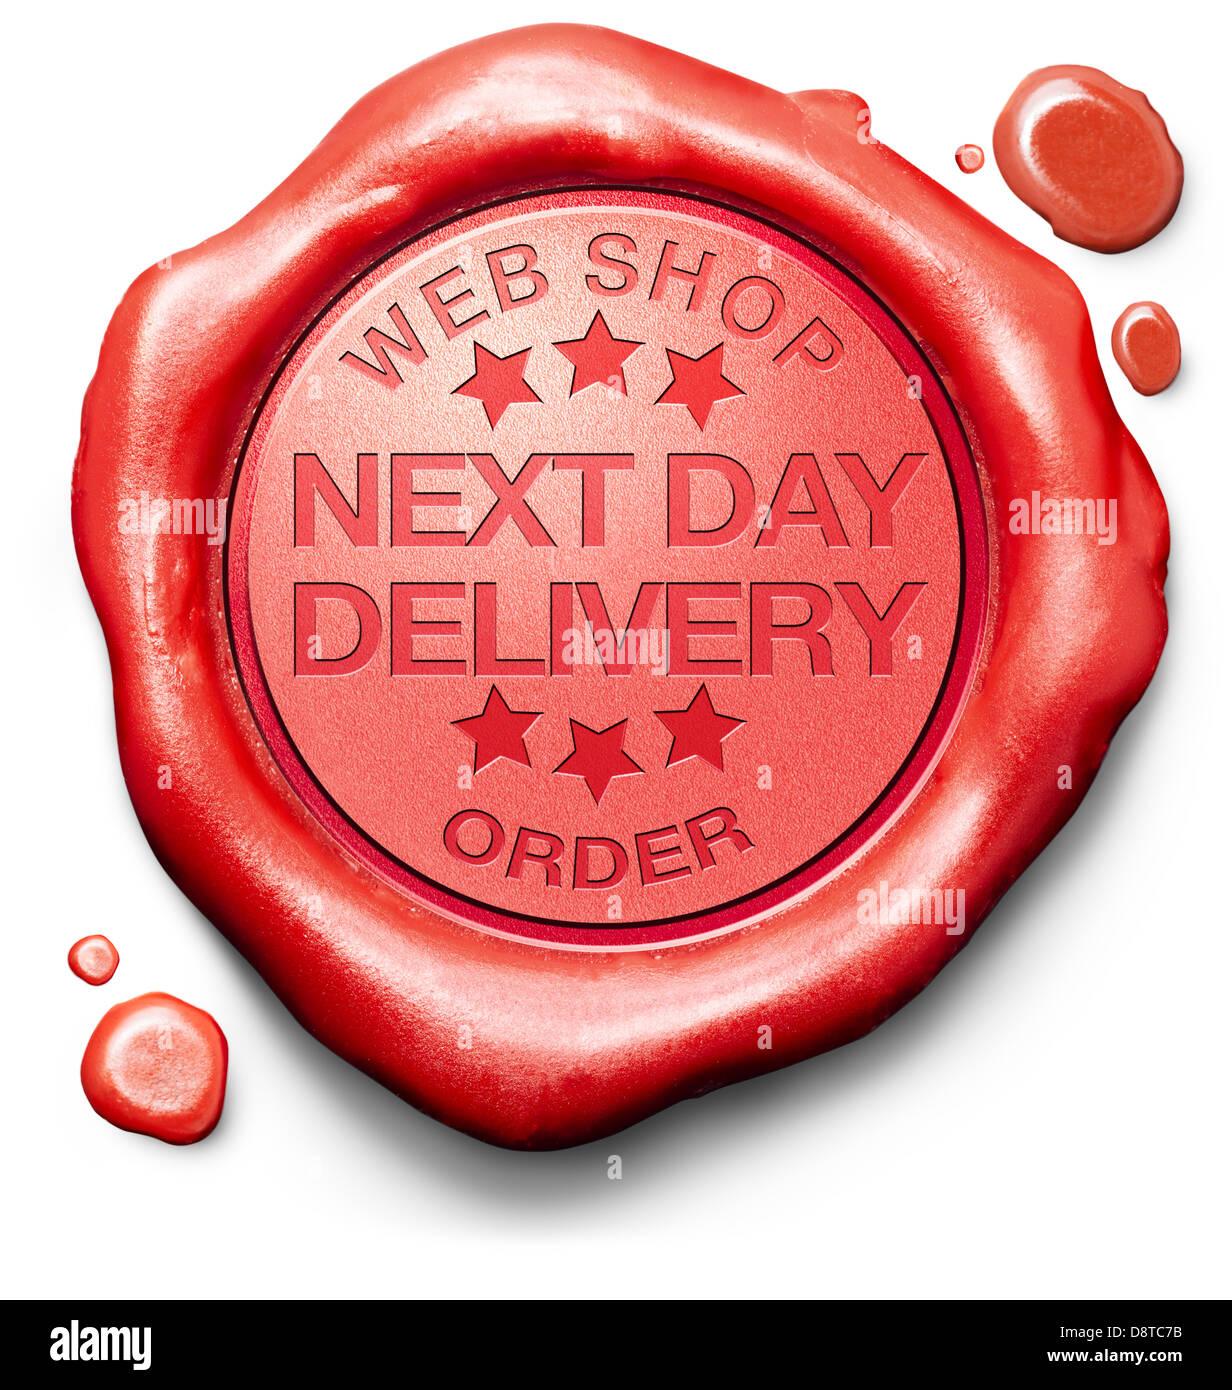 90dfda77cdd1da Lieferung am nächsten Tag von Online-Bestellung im Internet Web Shop schnell  Paketversand